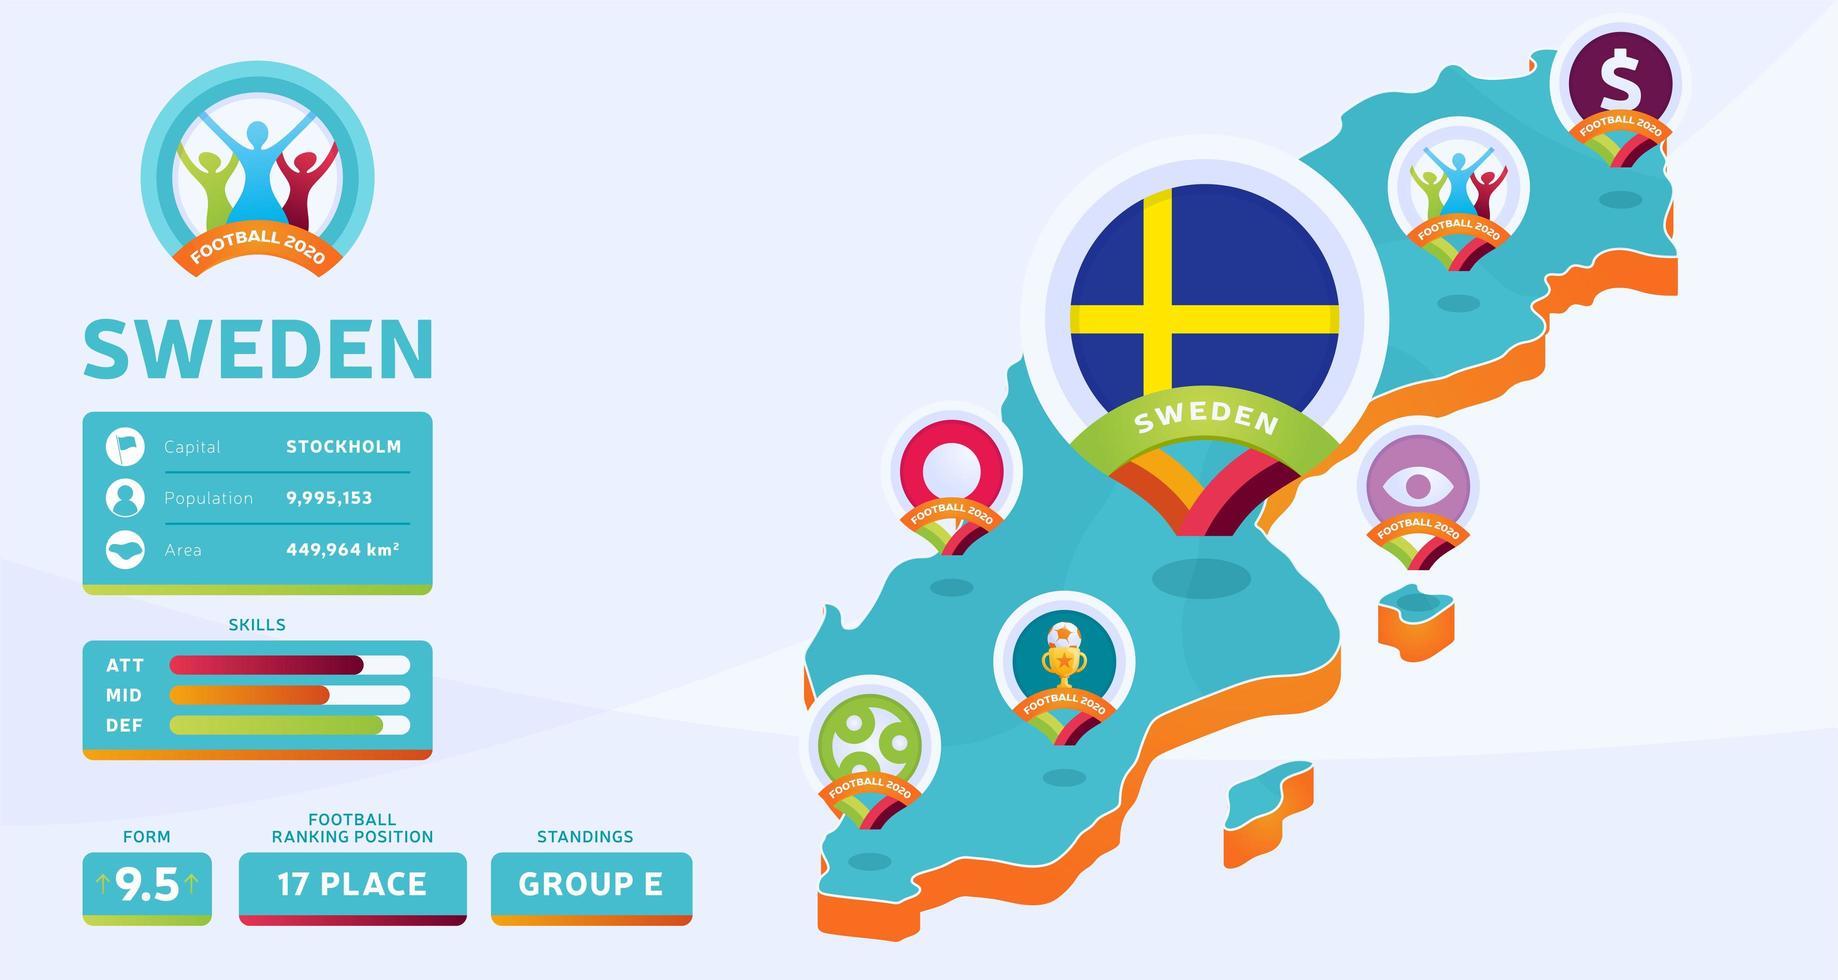 mapa isométrico de ilustração vetorial do país da Suécia. infográfico da fase final do torneio de futebol 2020 e informações do país. cores e estilo do campeonato oficial vetor